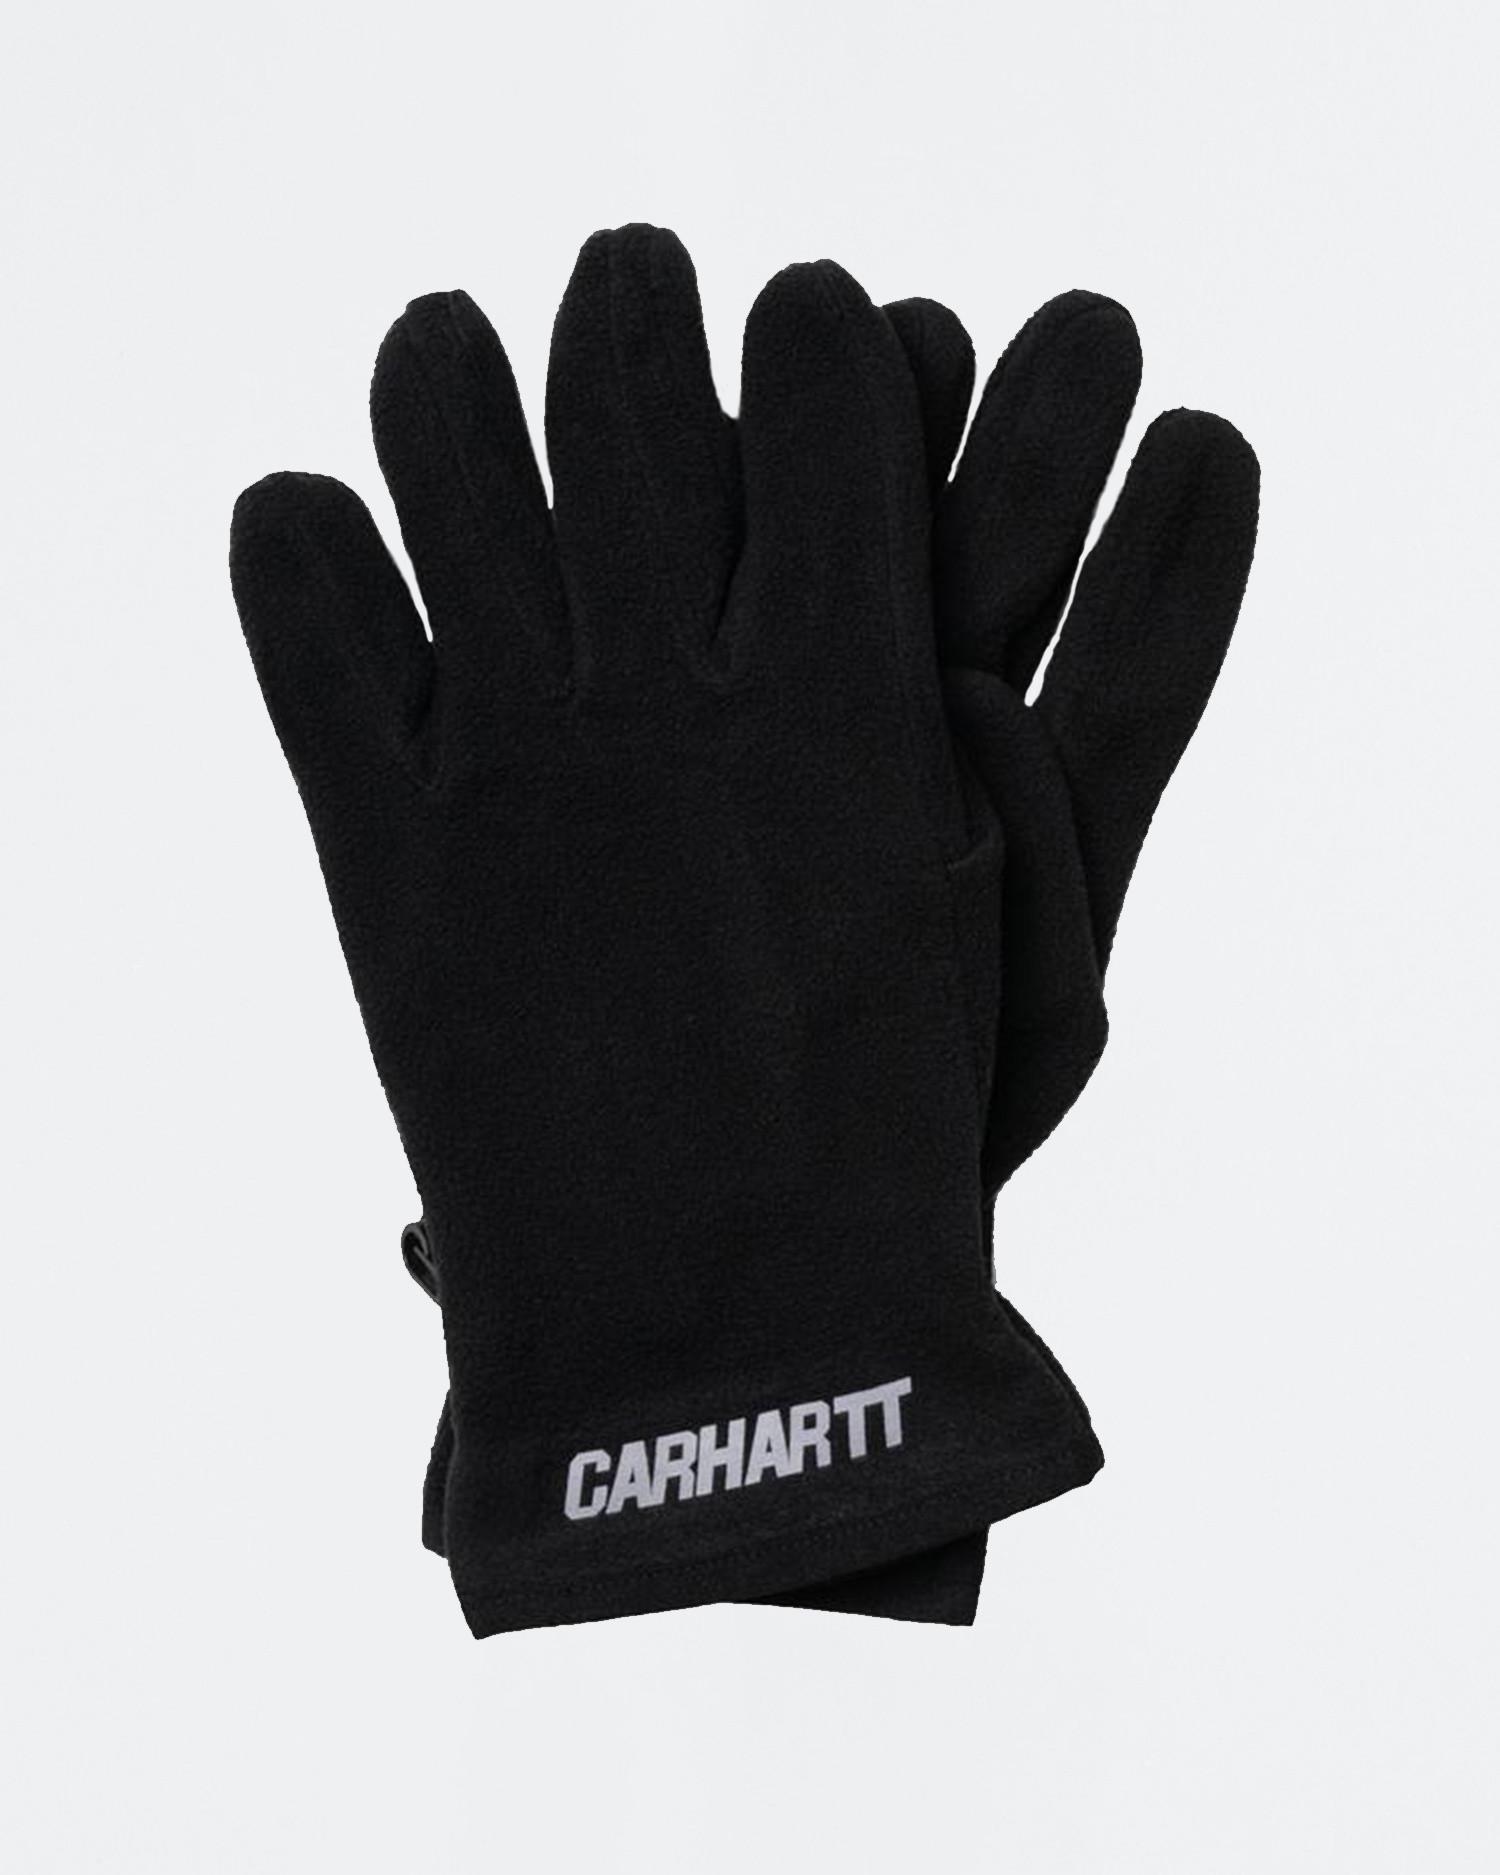 Carhartt Beaufort Gloves Black/Reflective